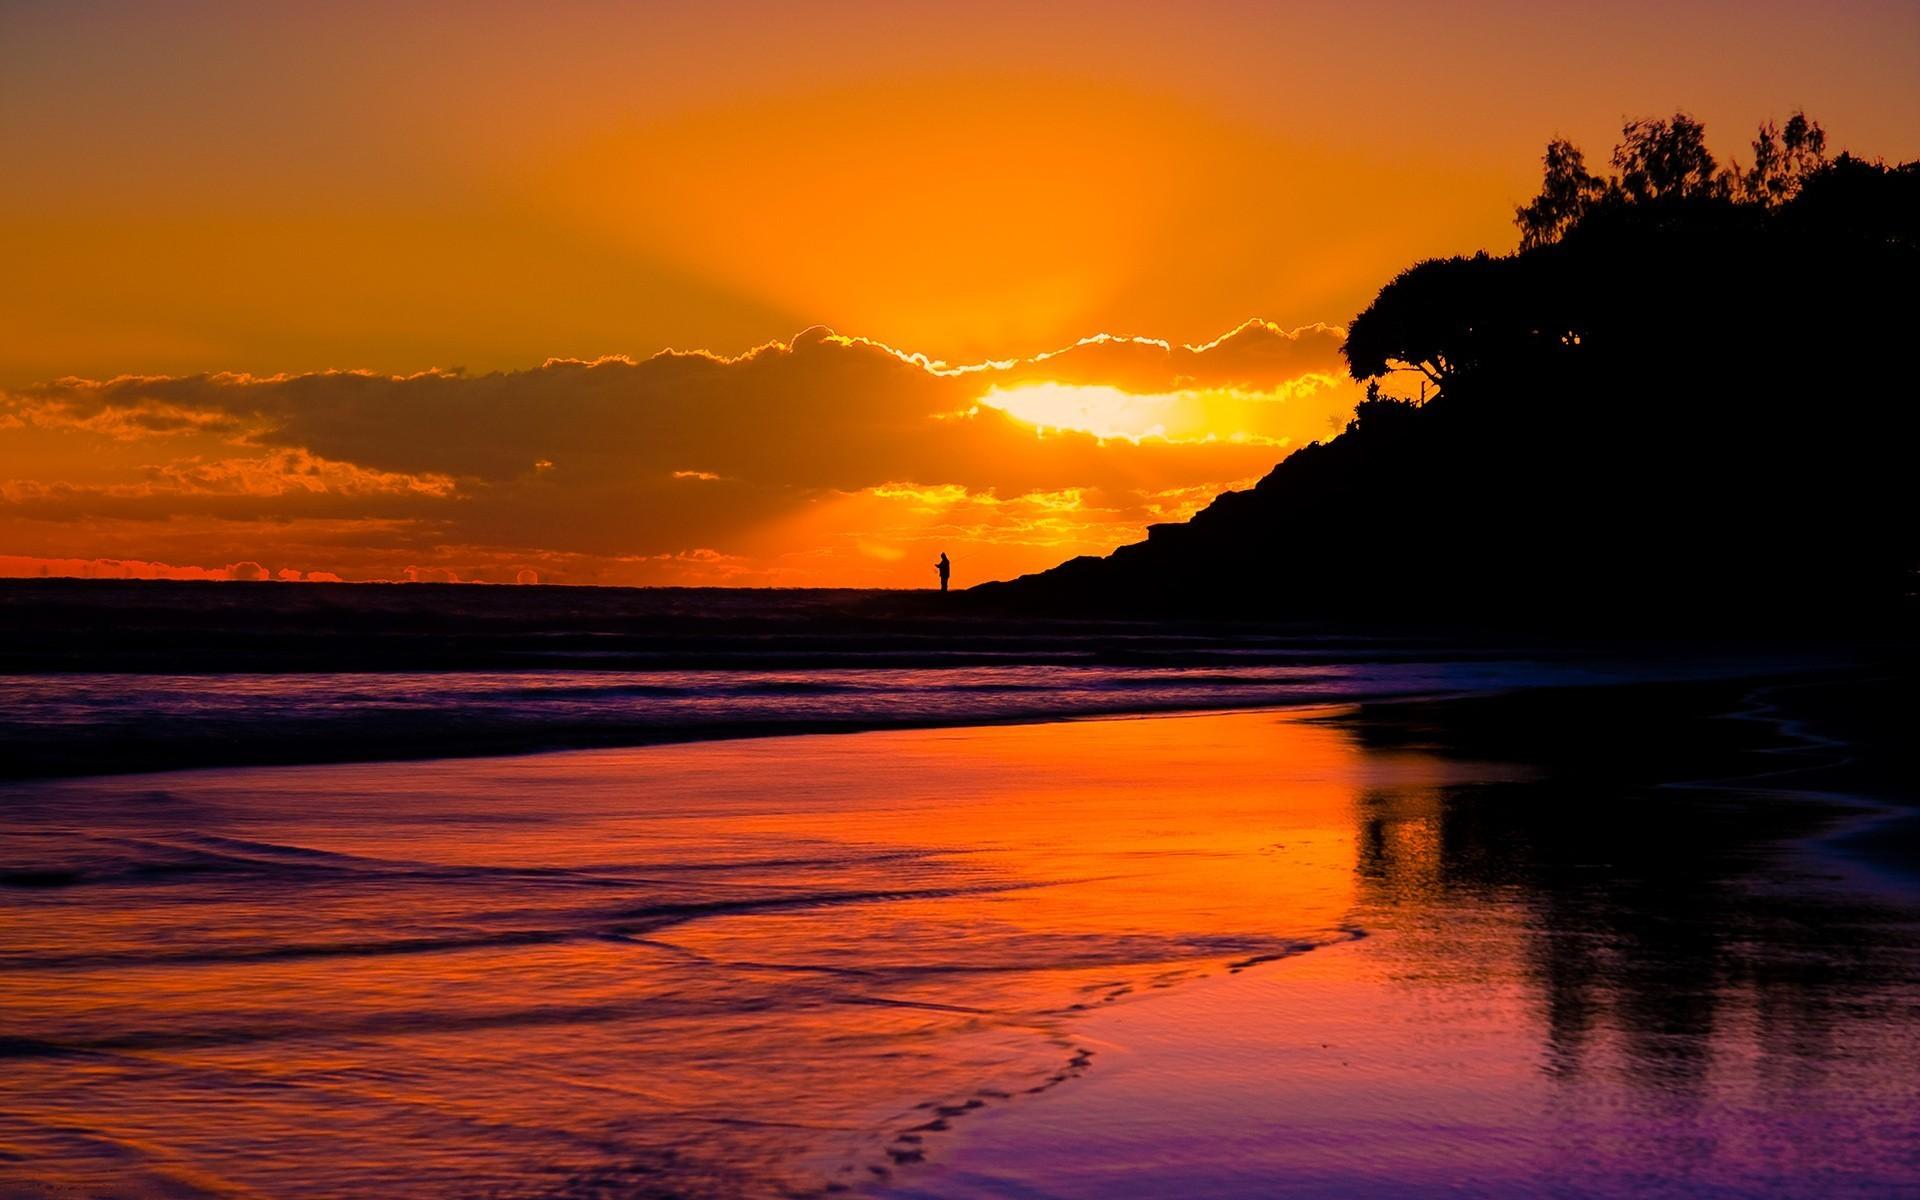 Sunset Beach Wallpaper 1920x1200 Sunset Beach Sea Silhouette 1920x1200